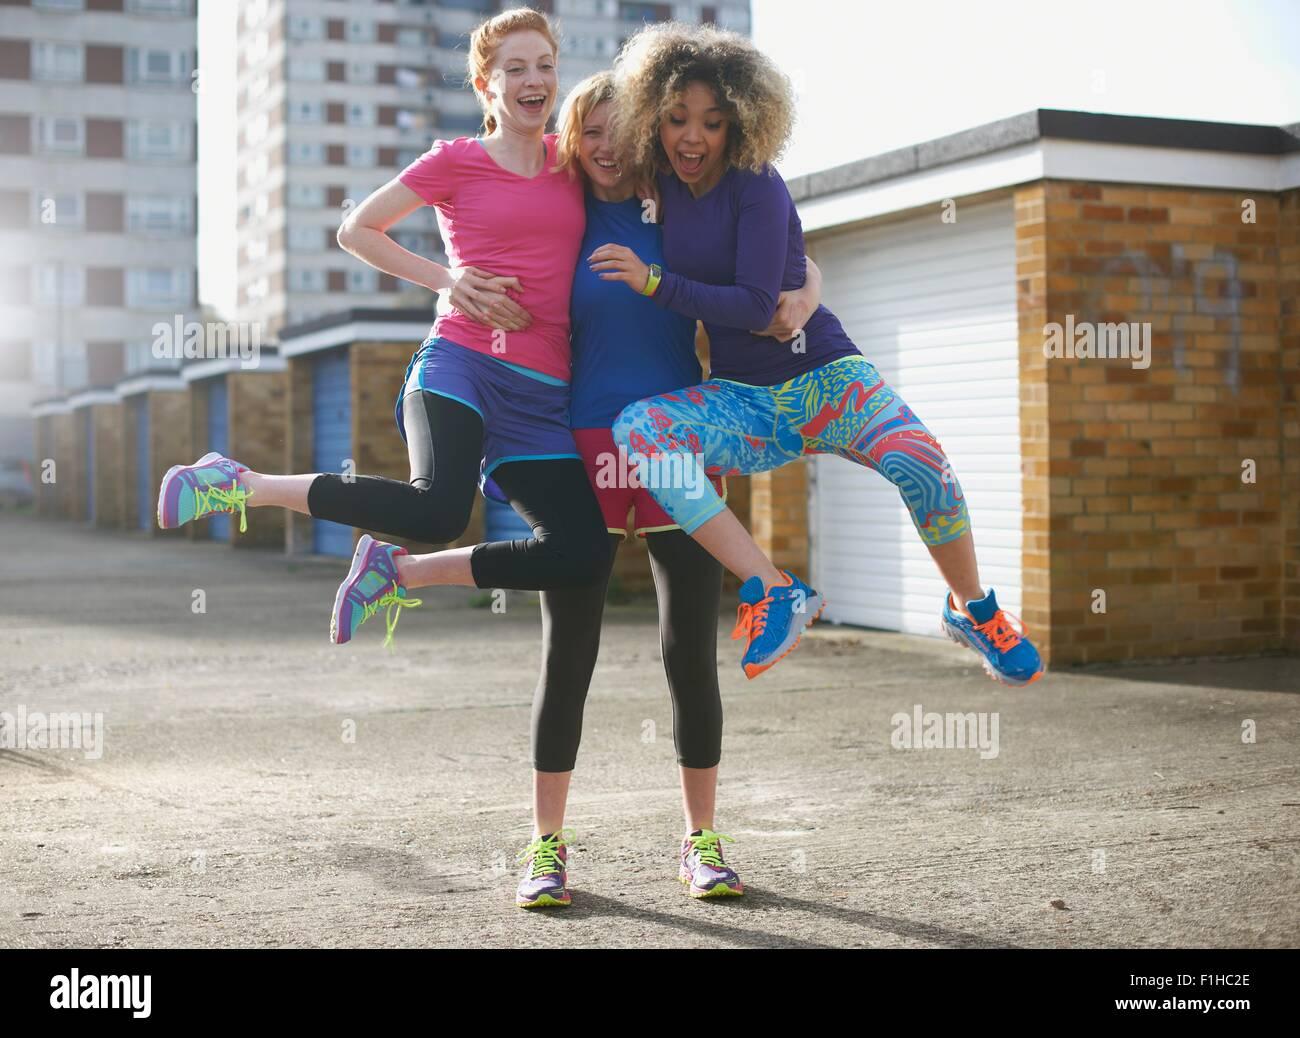 Ritratto di tre donne di indossare abbigliamento sportivo jumping Immagini Stock